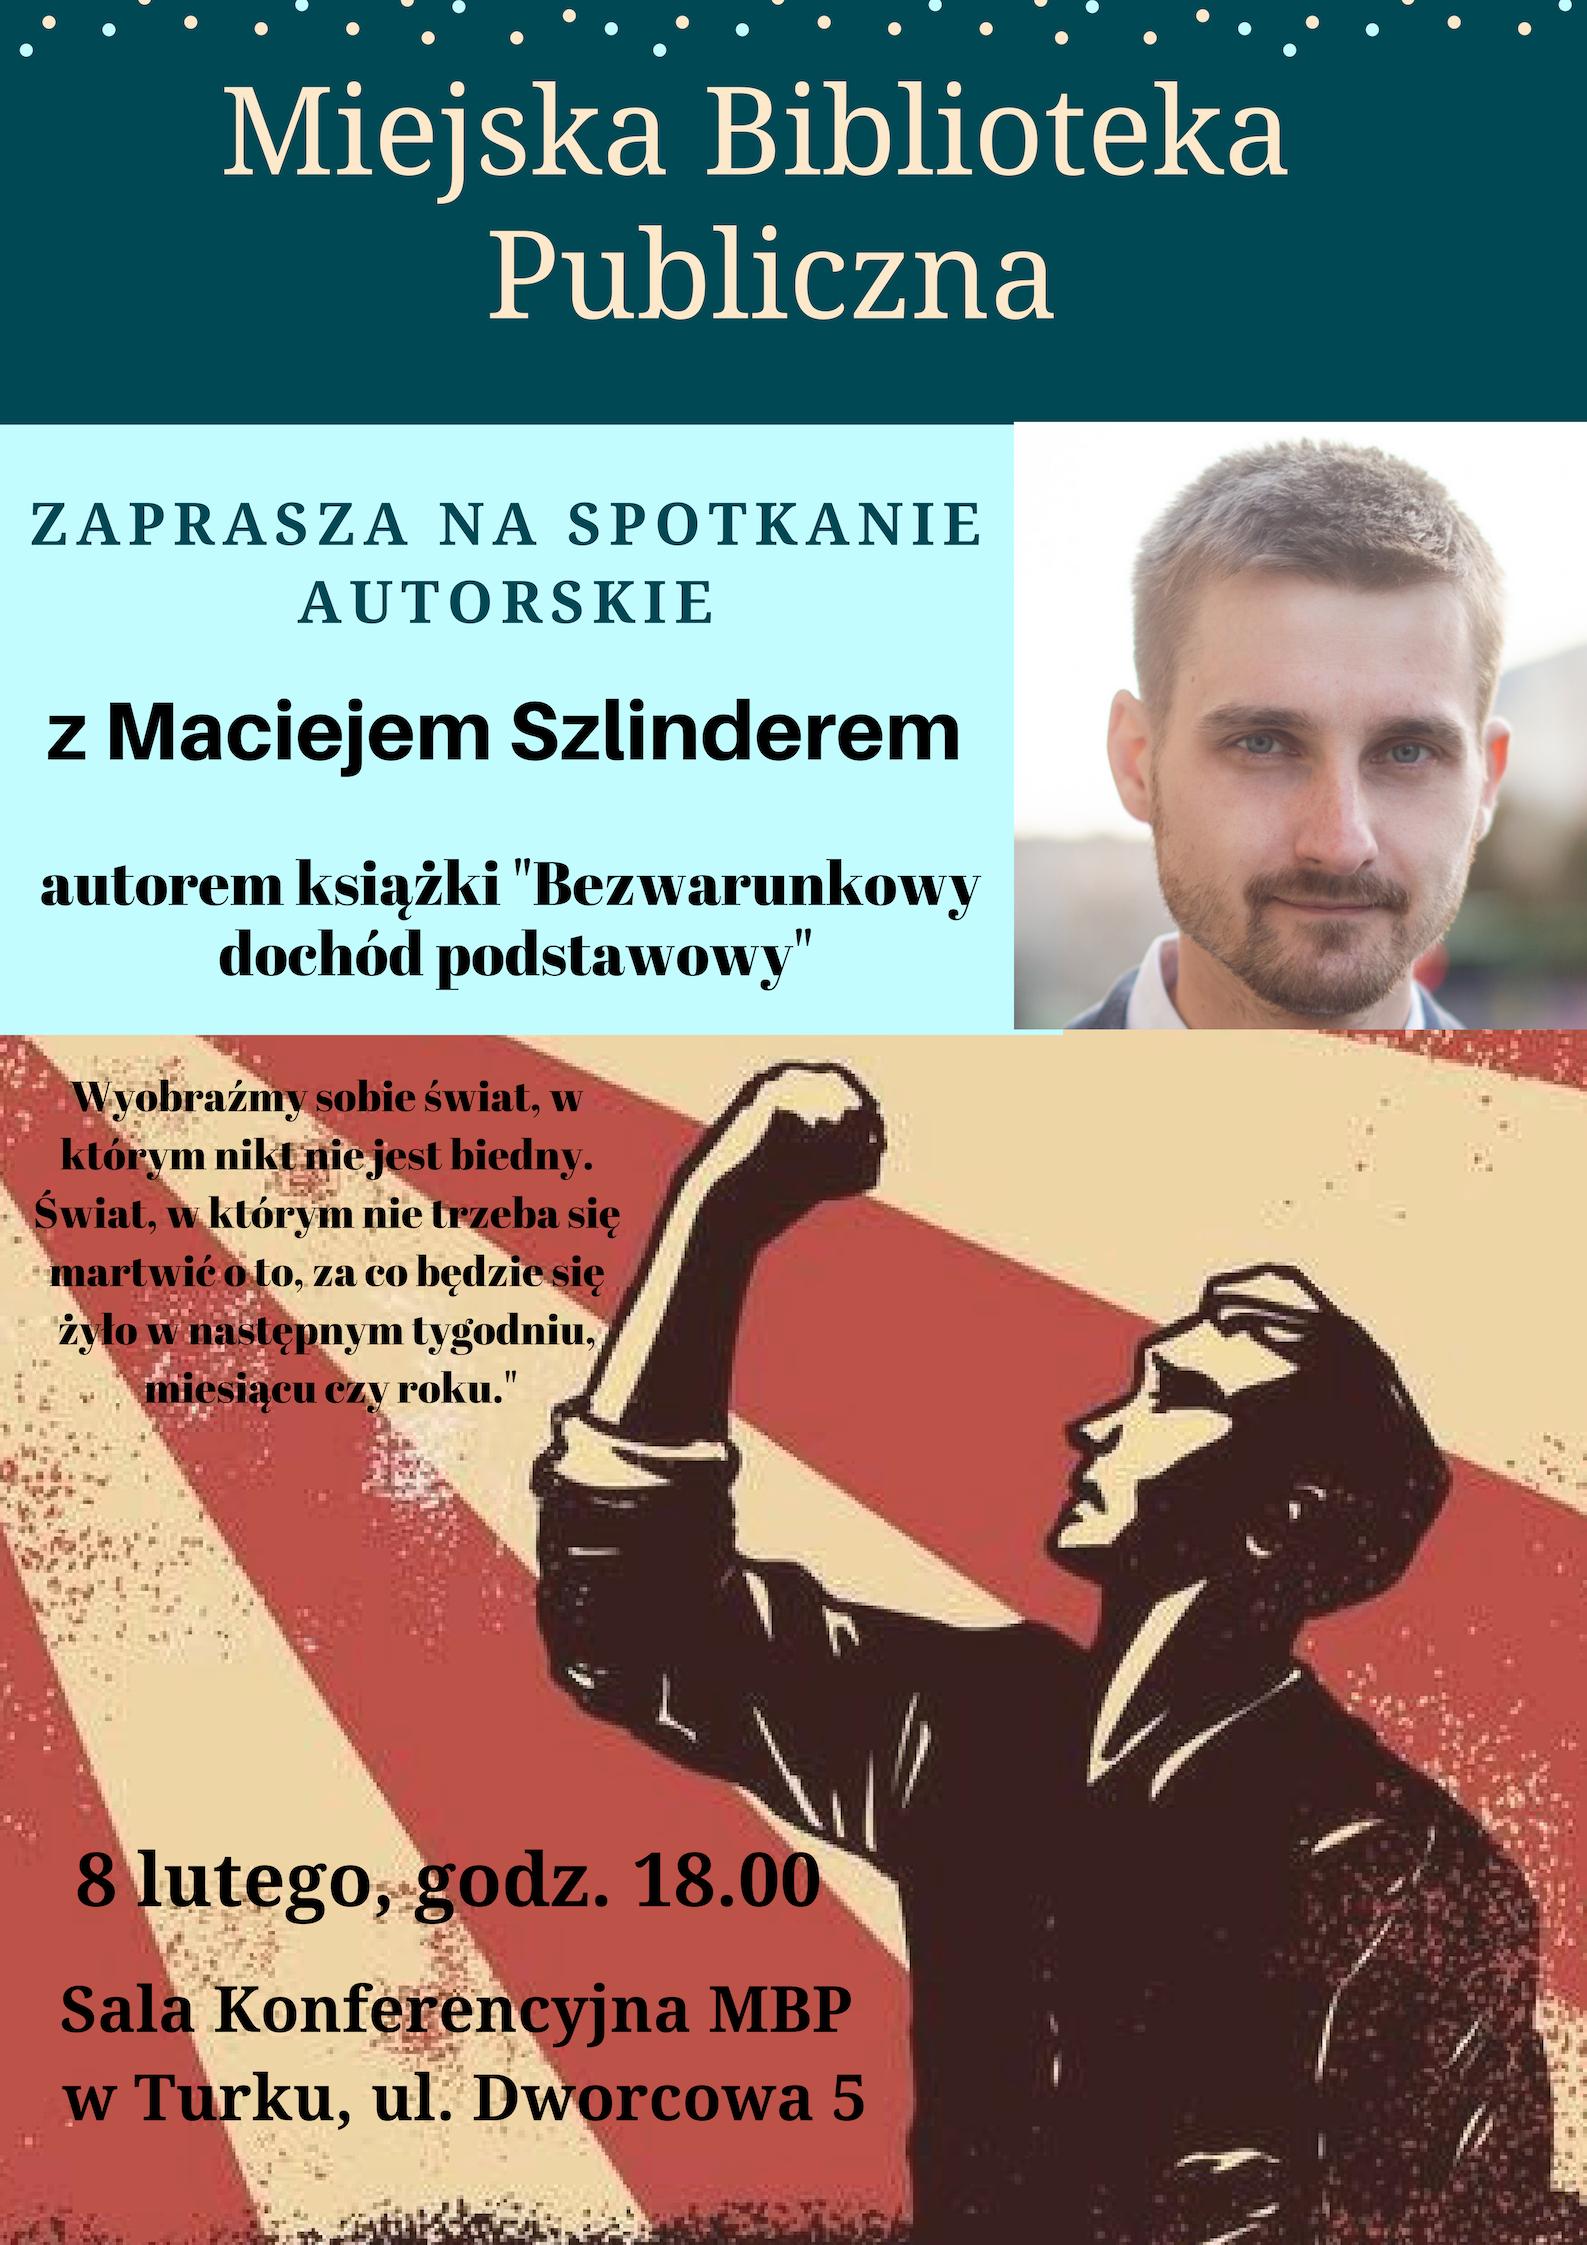 Czytaj więcej o: 1000 zł dla każdego – spotkanie z Maciejem Szlinderem